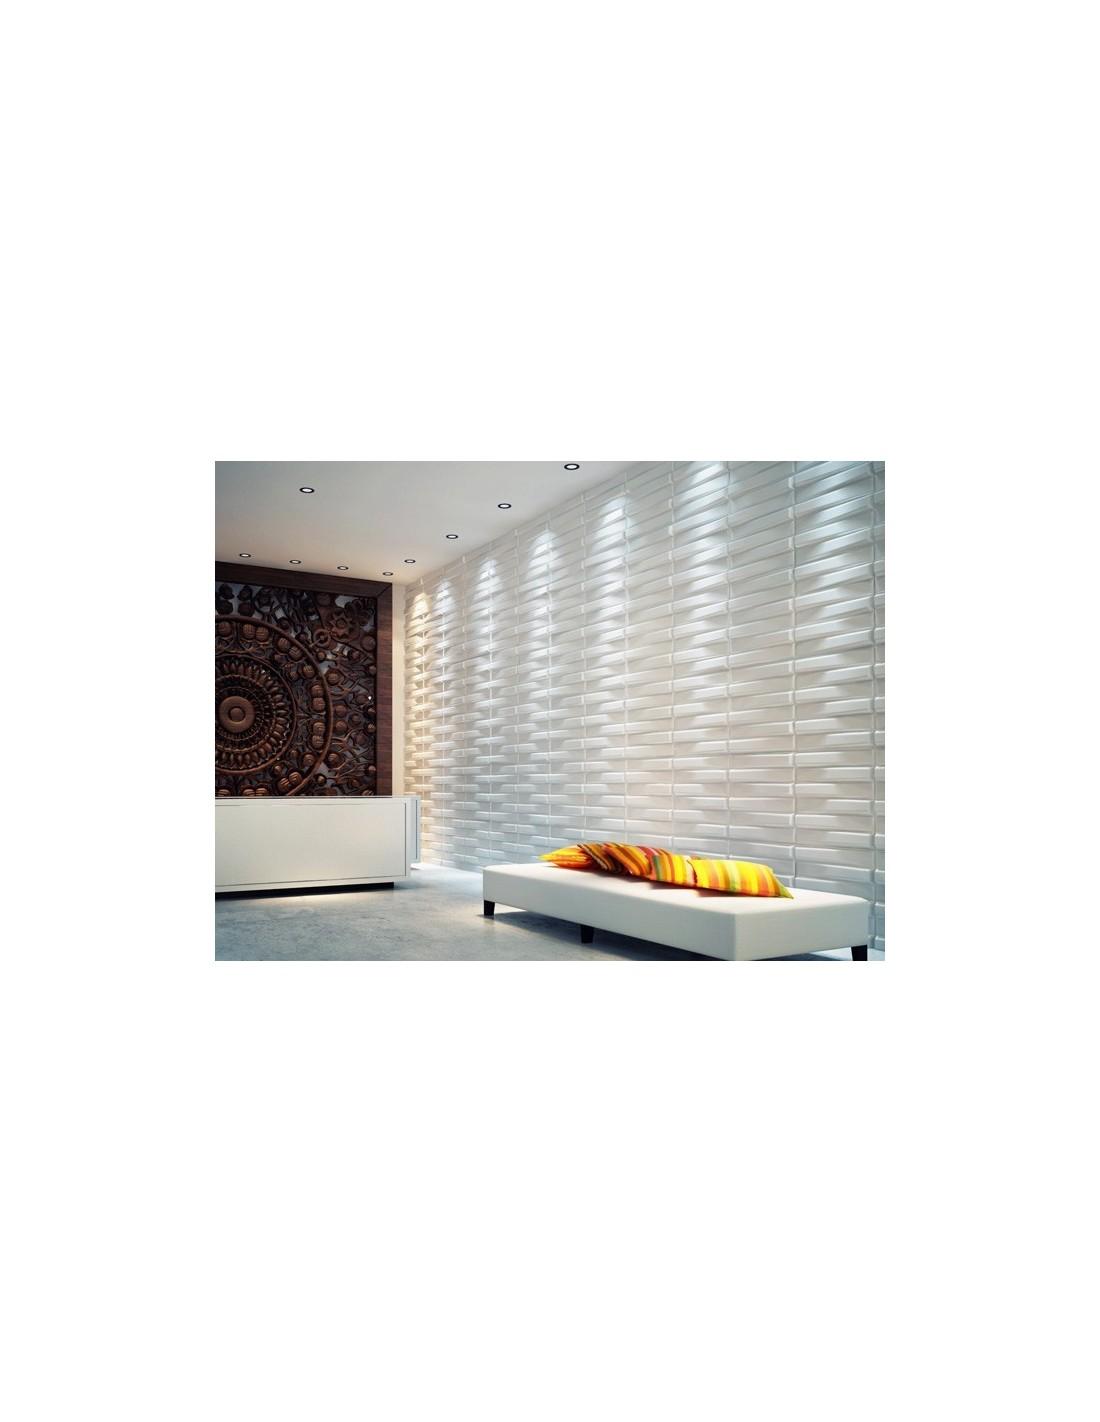 Pannello 3d wall per decorazioni di pa0eti e soffitti mod for Decorazioni 3 d